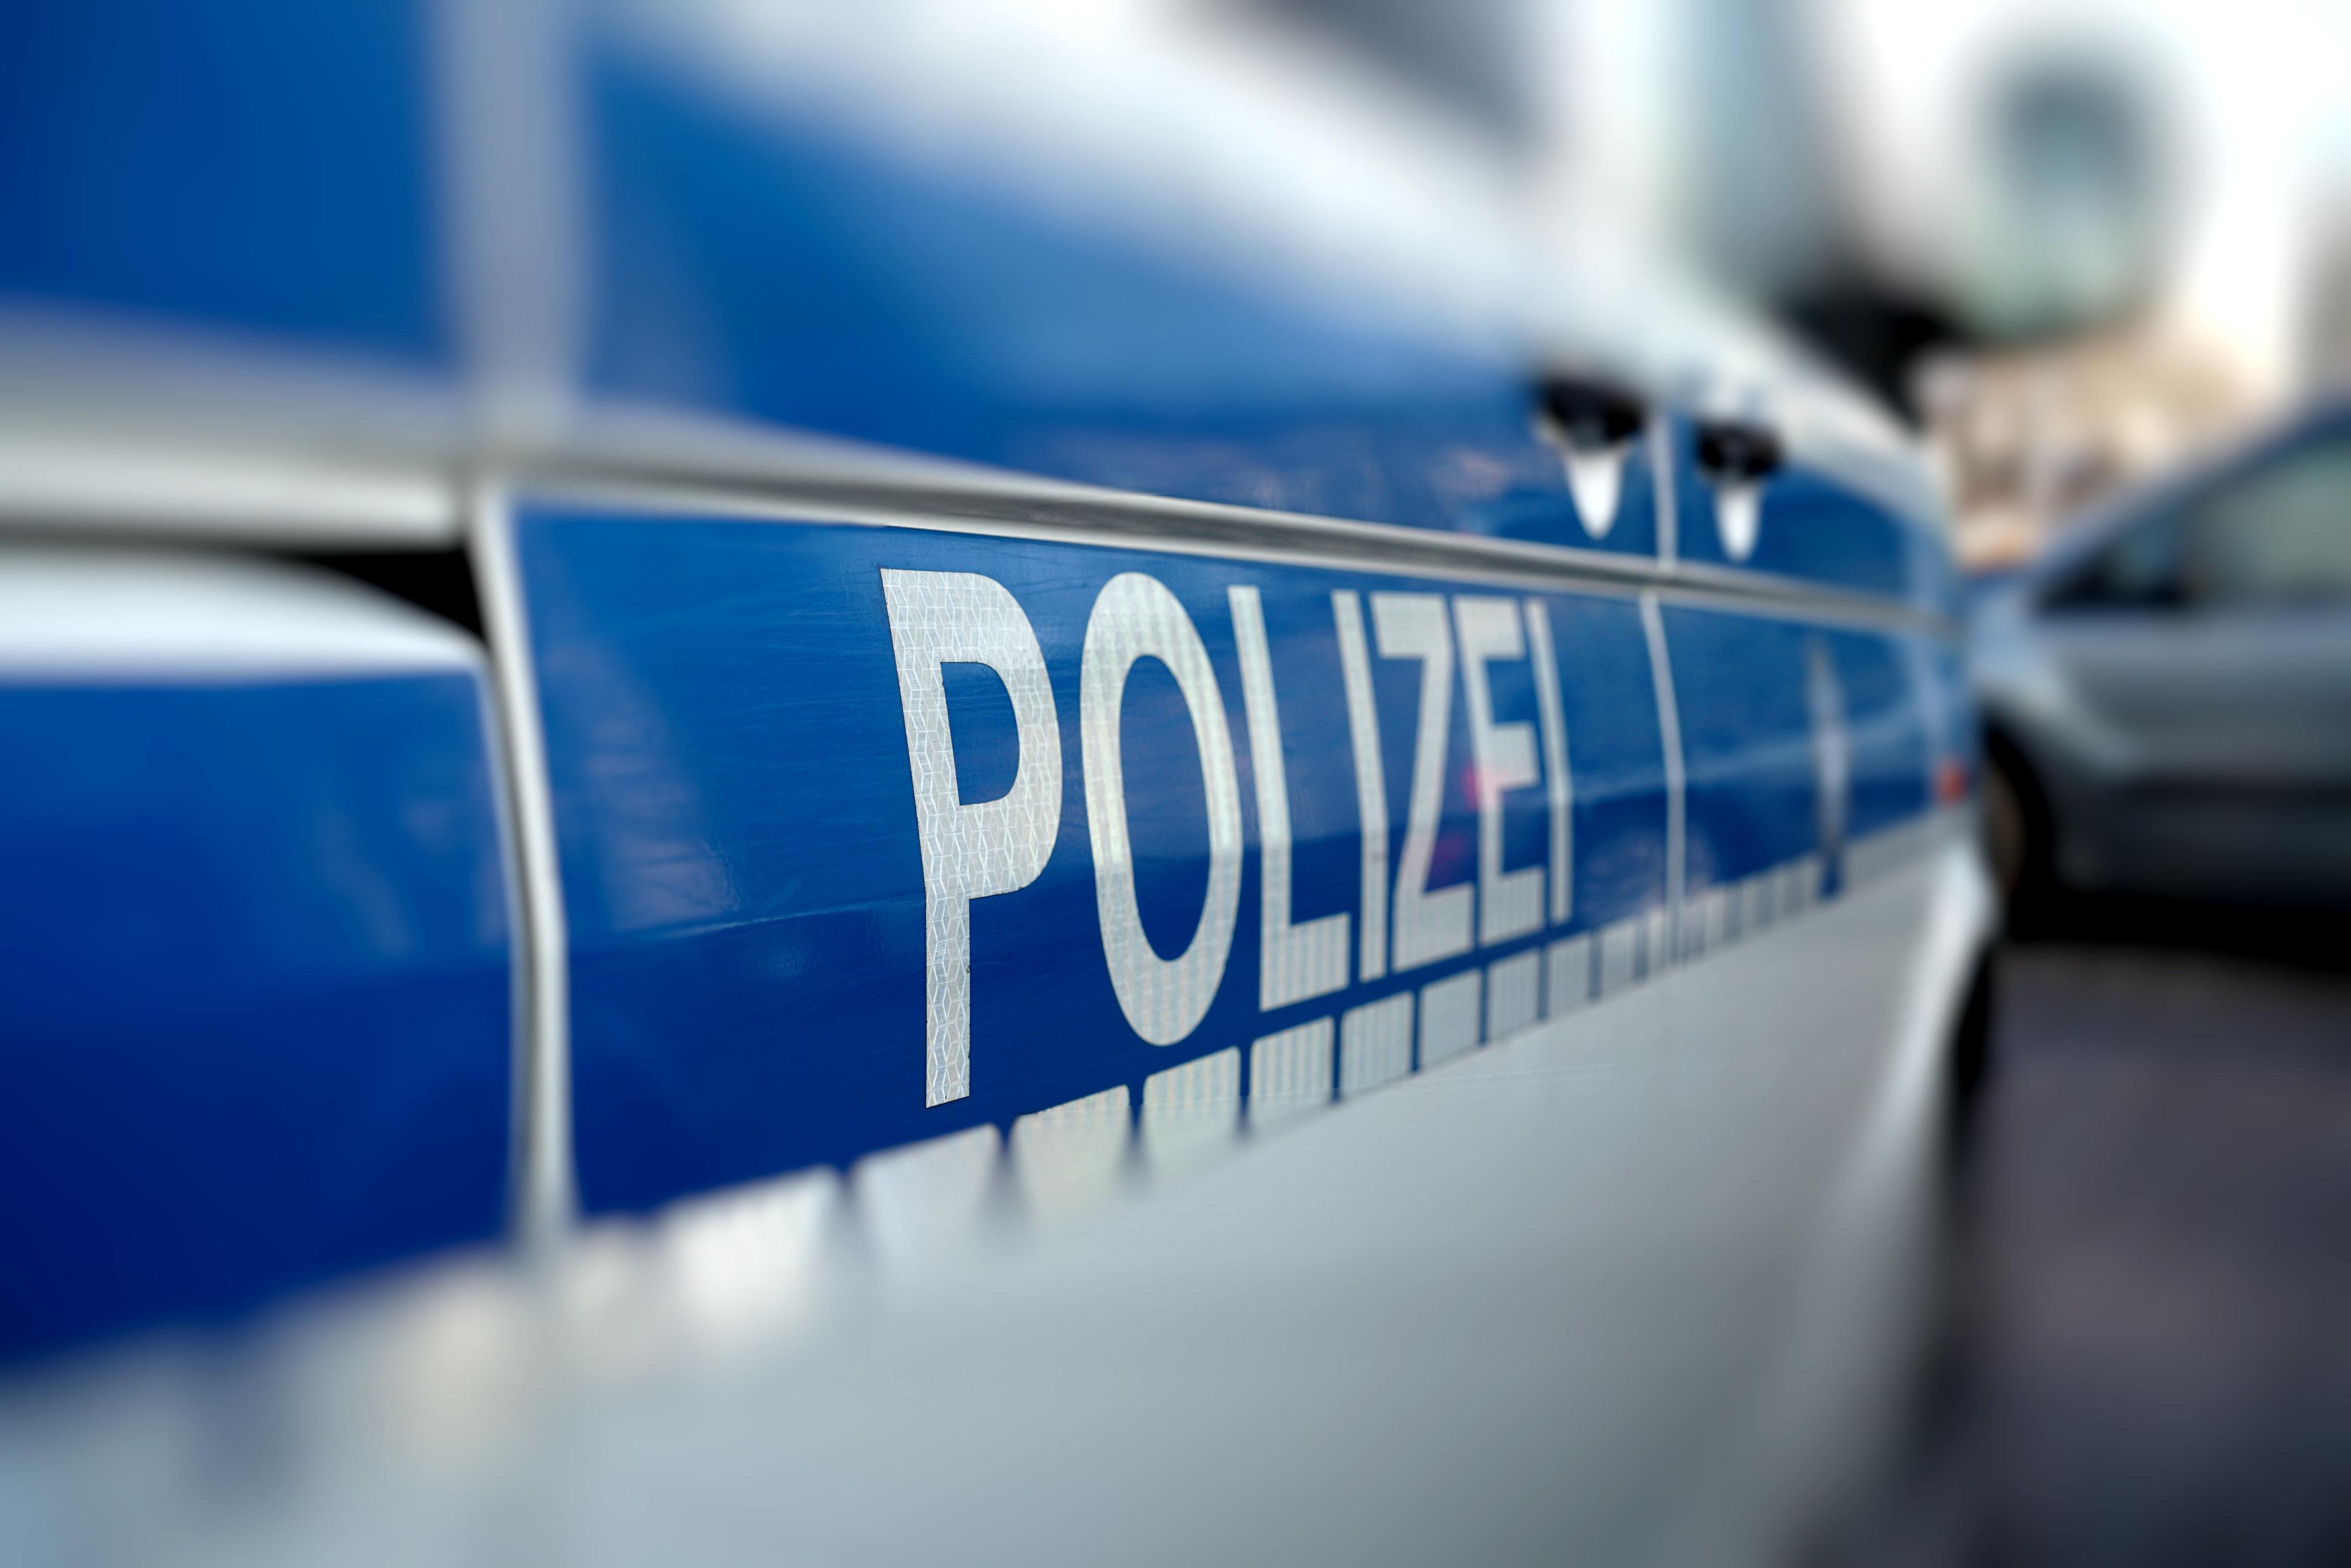 Sexuelle Übergriffe auf Mädchen - Polizei sucht sieben junge Männer